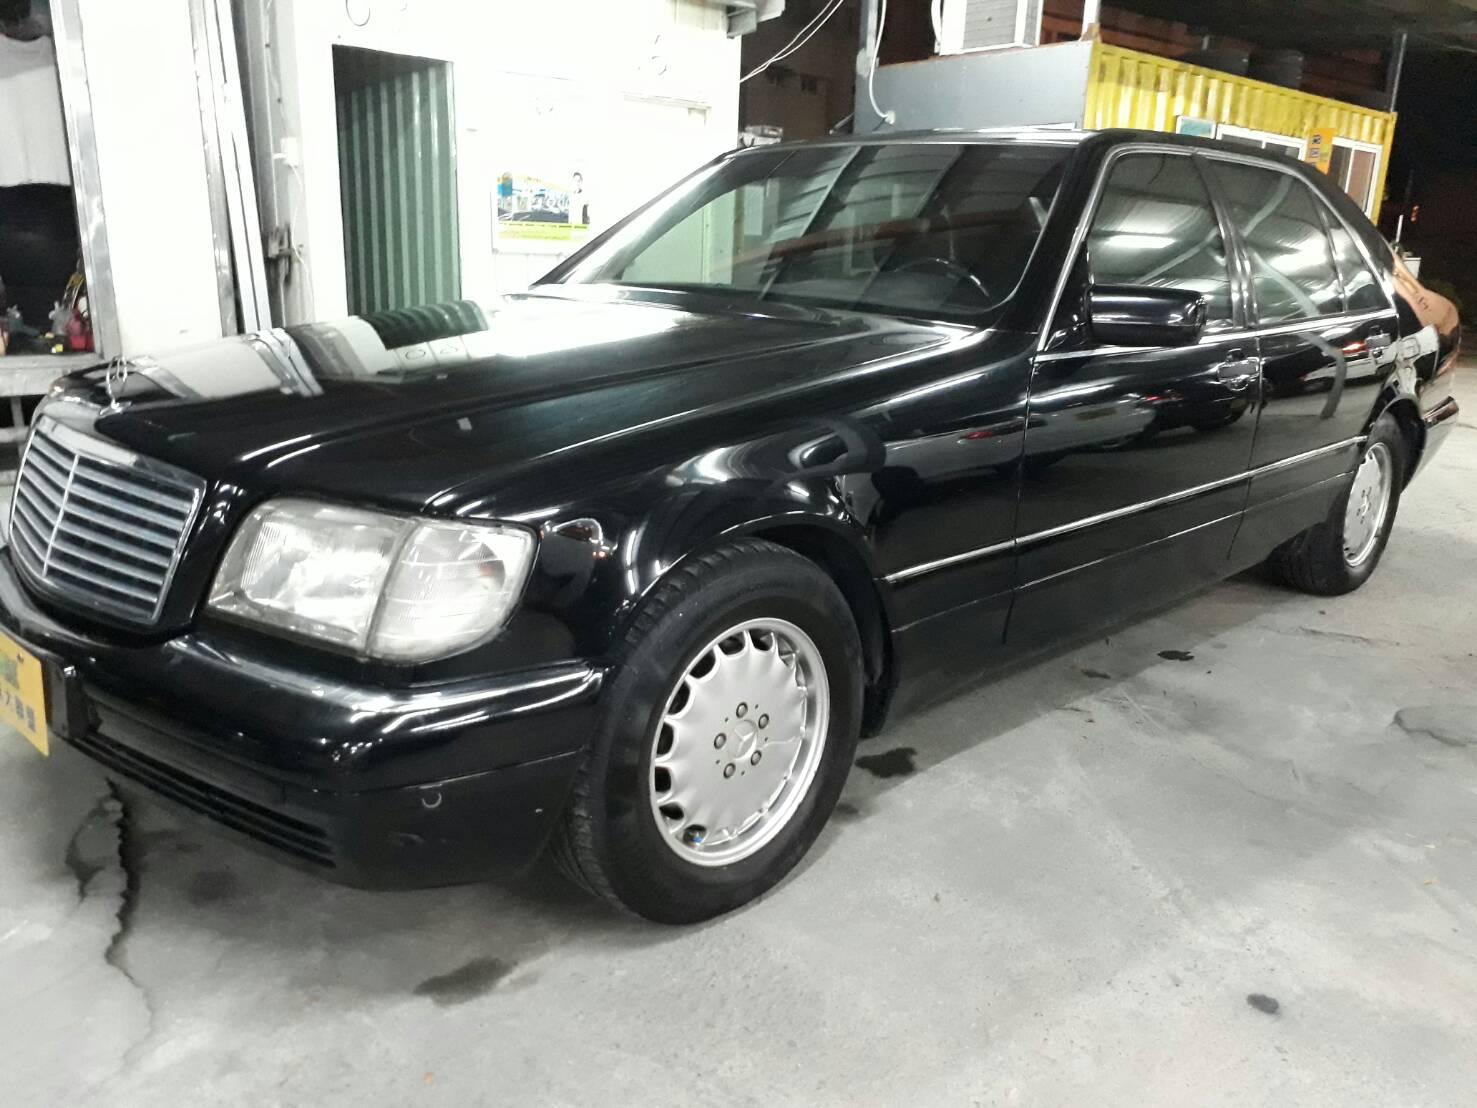 1996 M-benz S-class